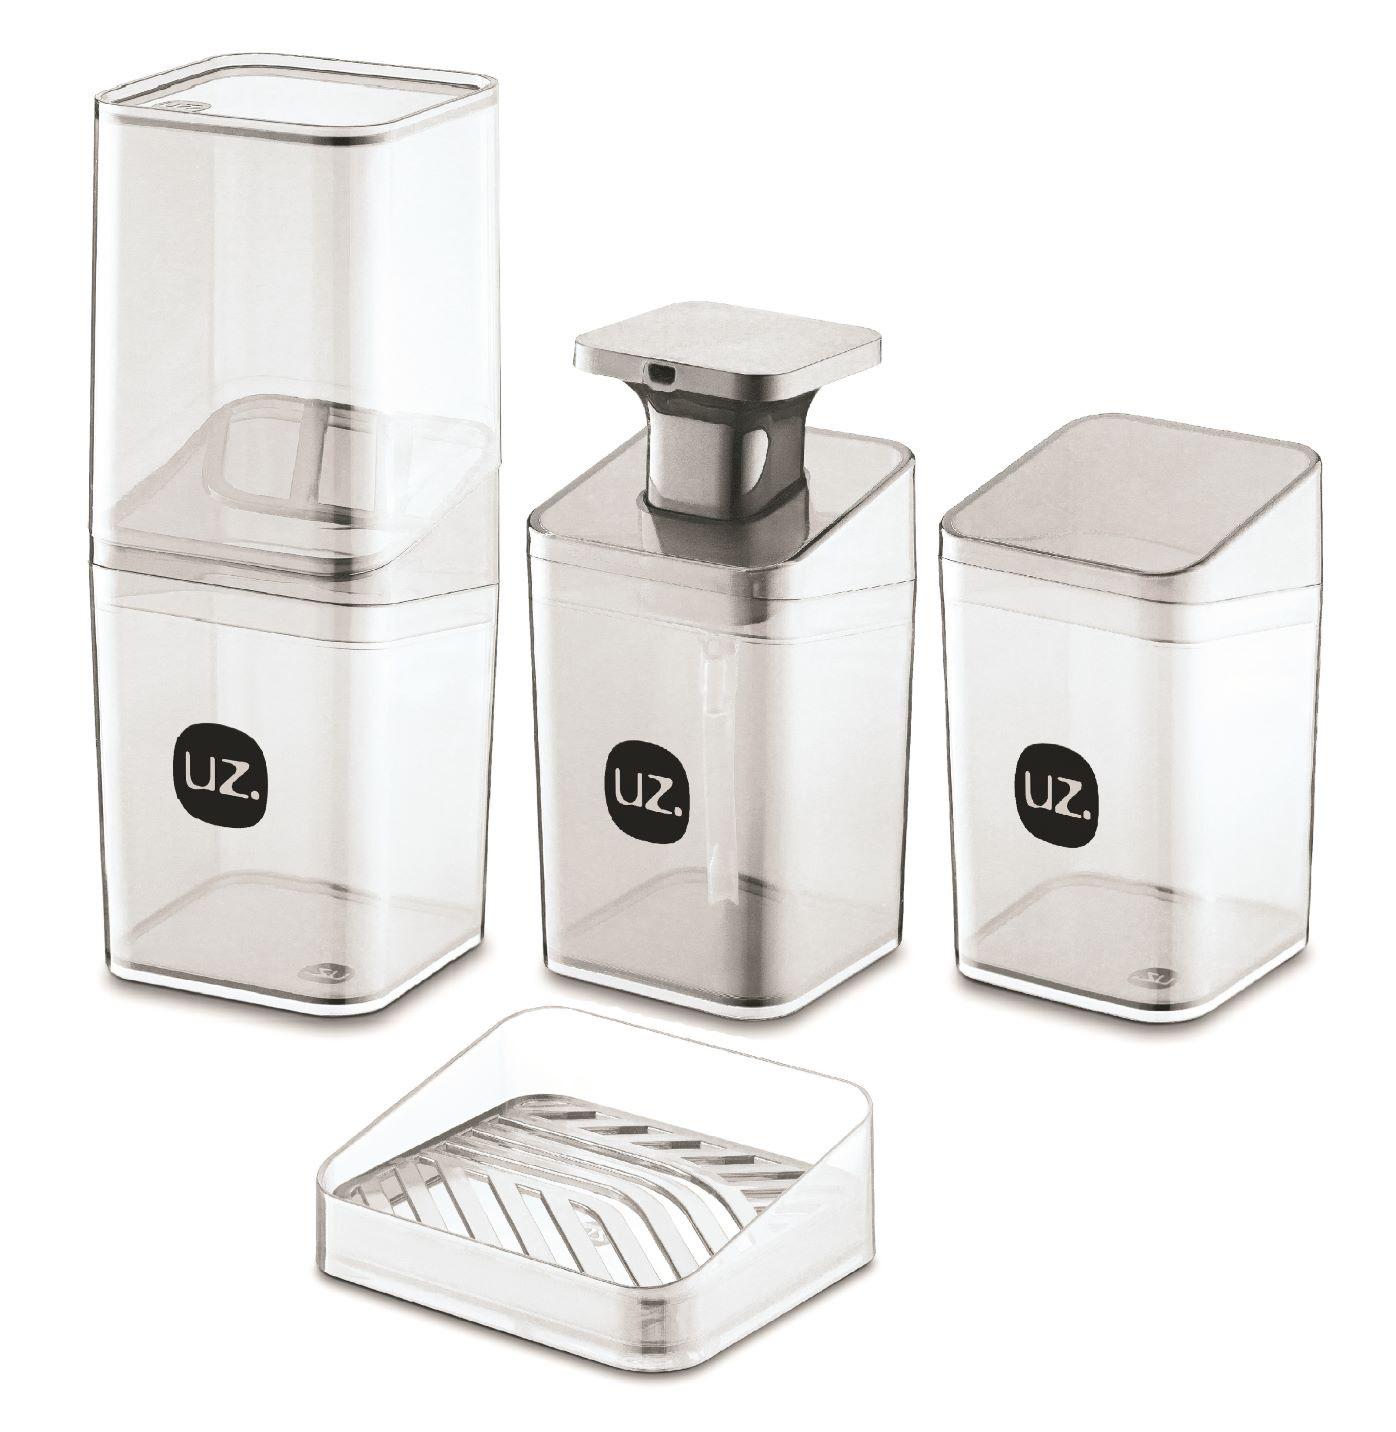 Kit Higiene Banheiro 4 Pçs Slim Porta Escova UZ Transparente